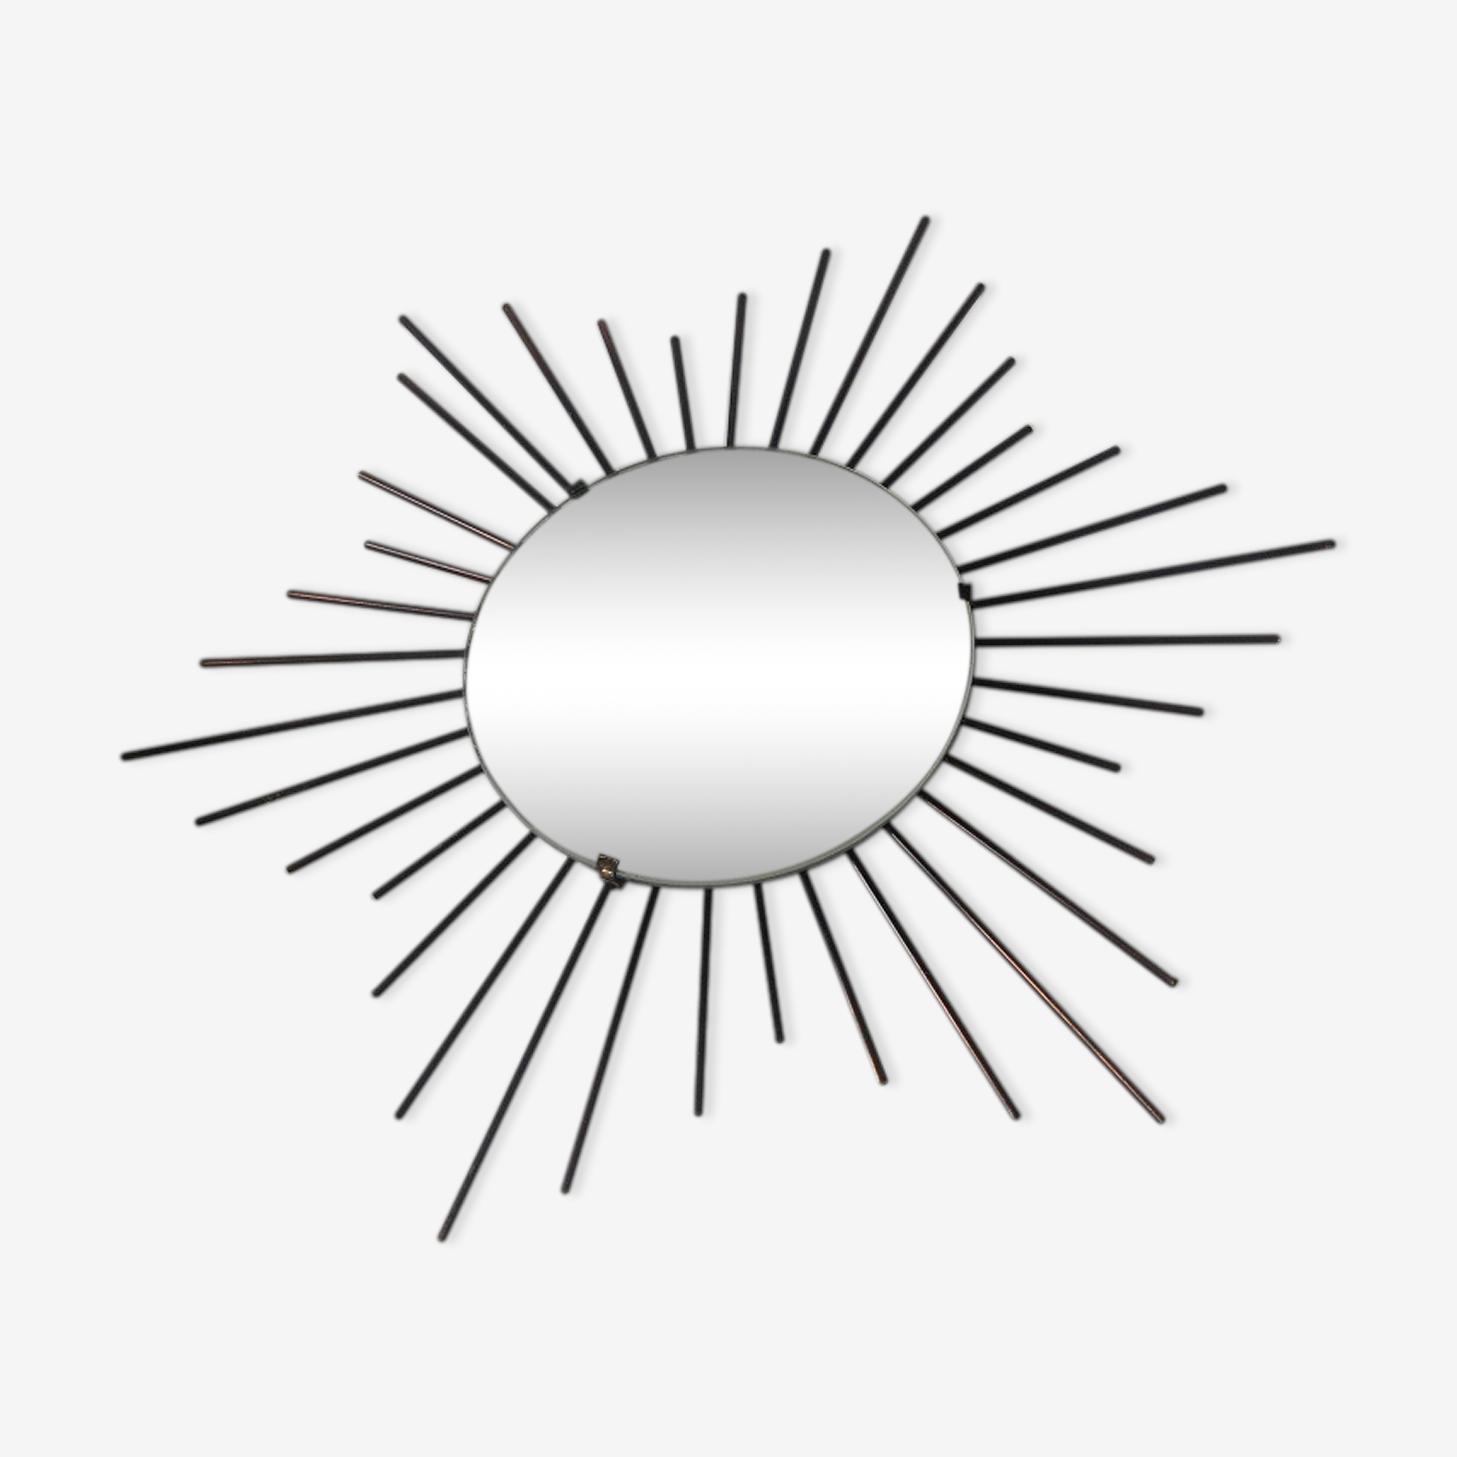 Miroir soleil en métal noir 60 cm x 60 cm